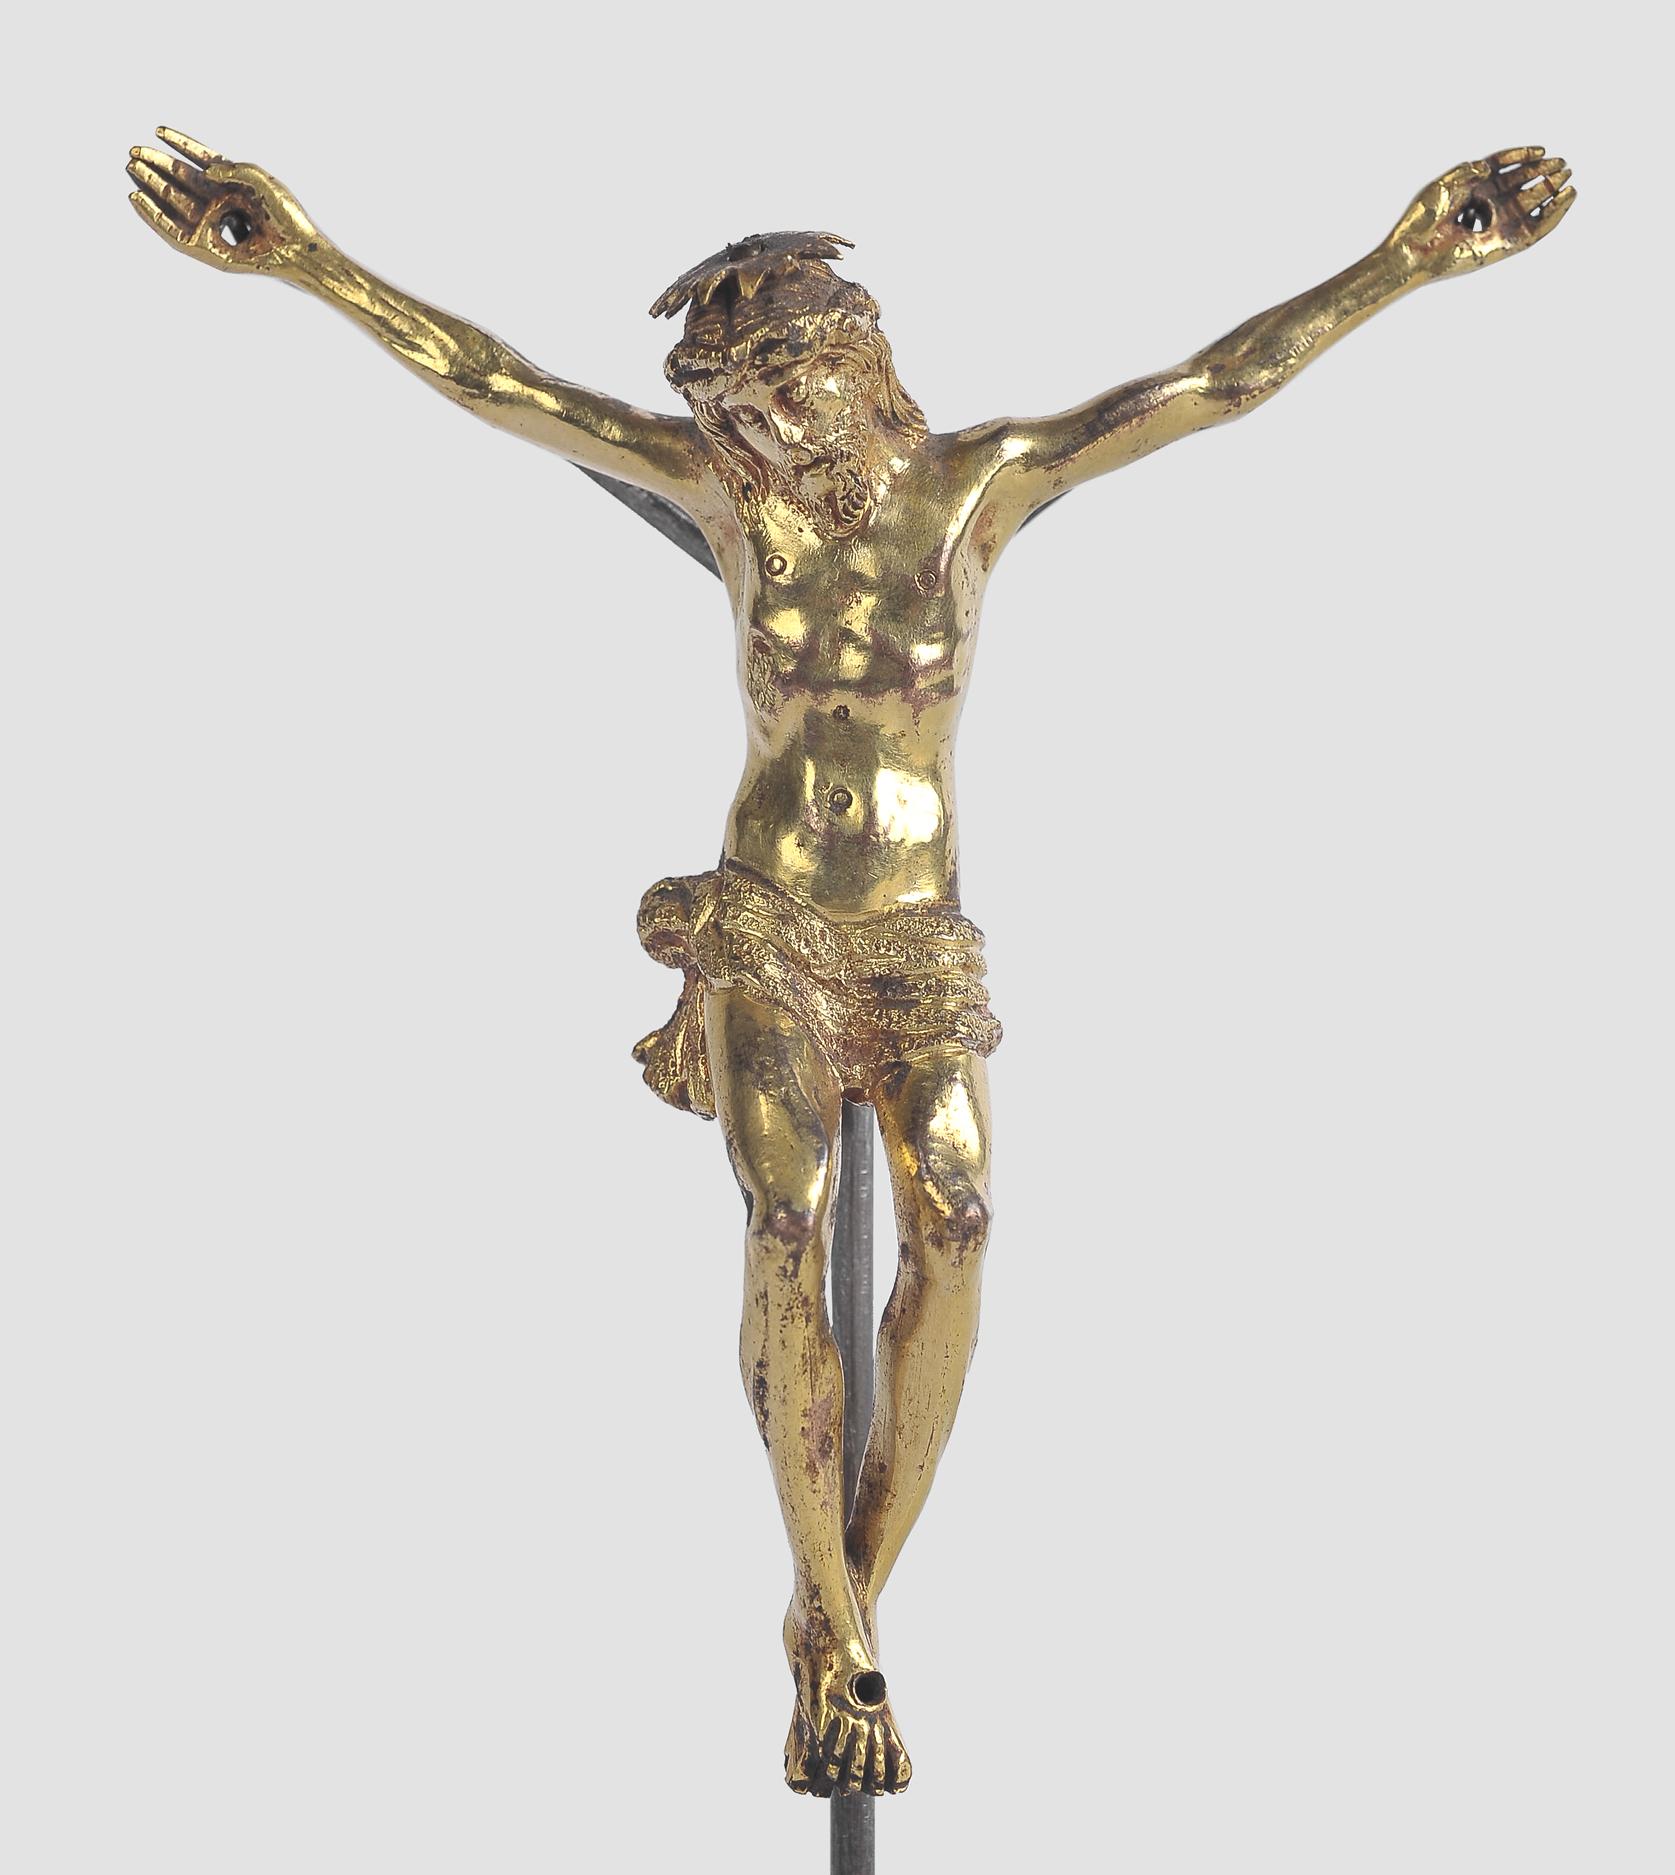 Corpus Christi, Süddeutsch oder Italien, 17. Jahrhundert, Bronze